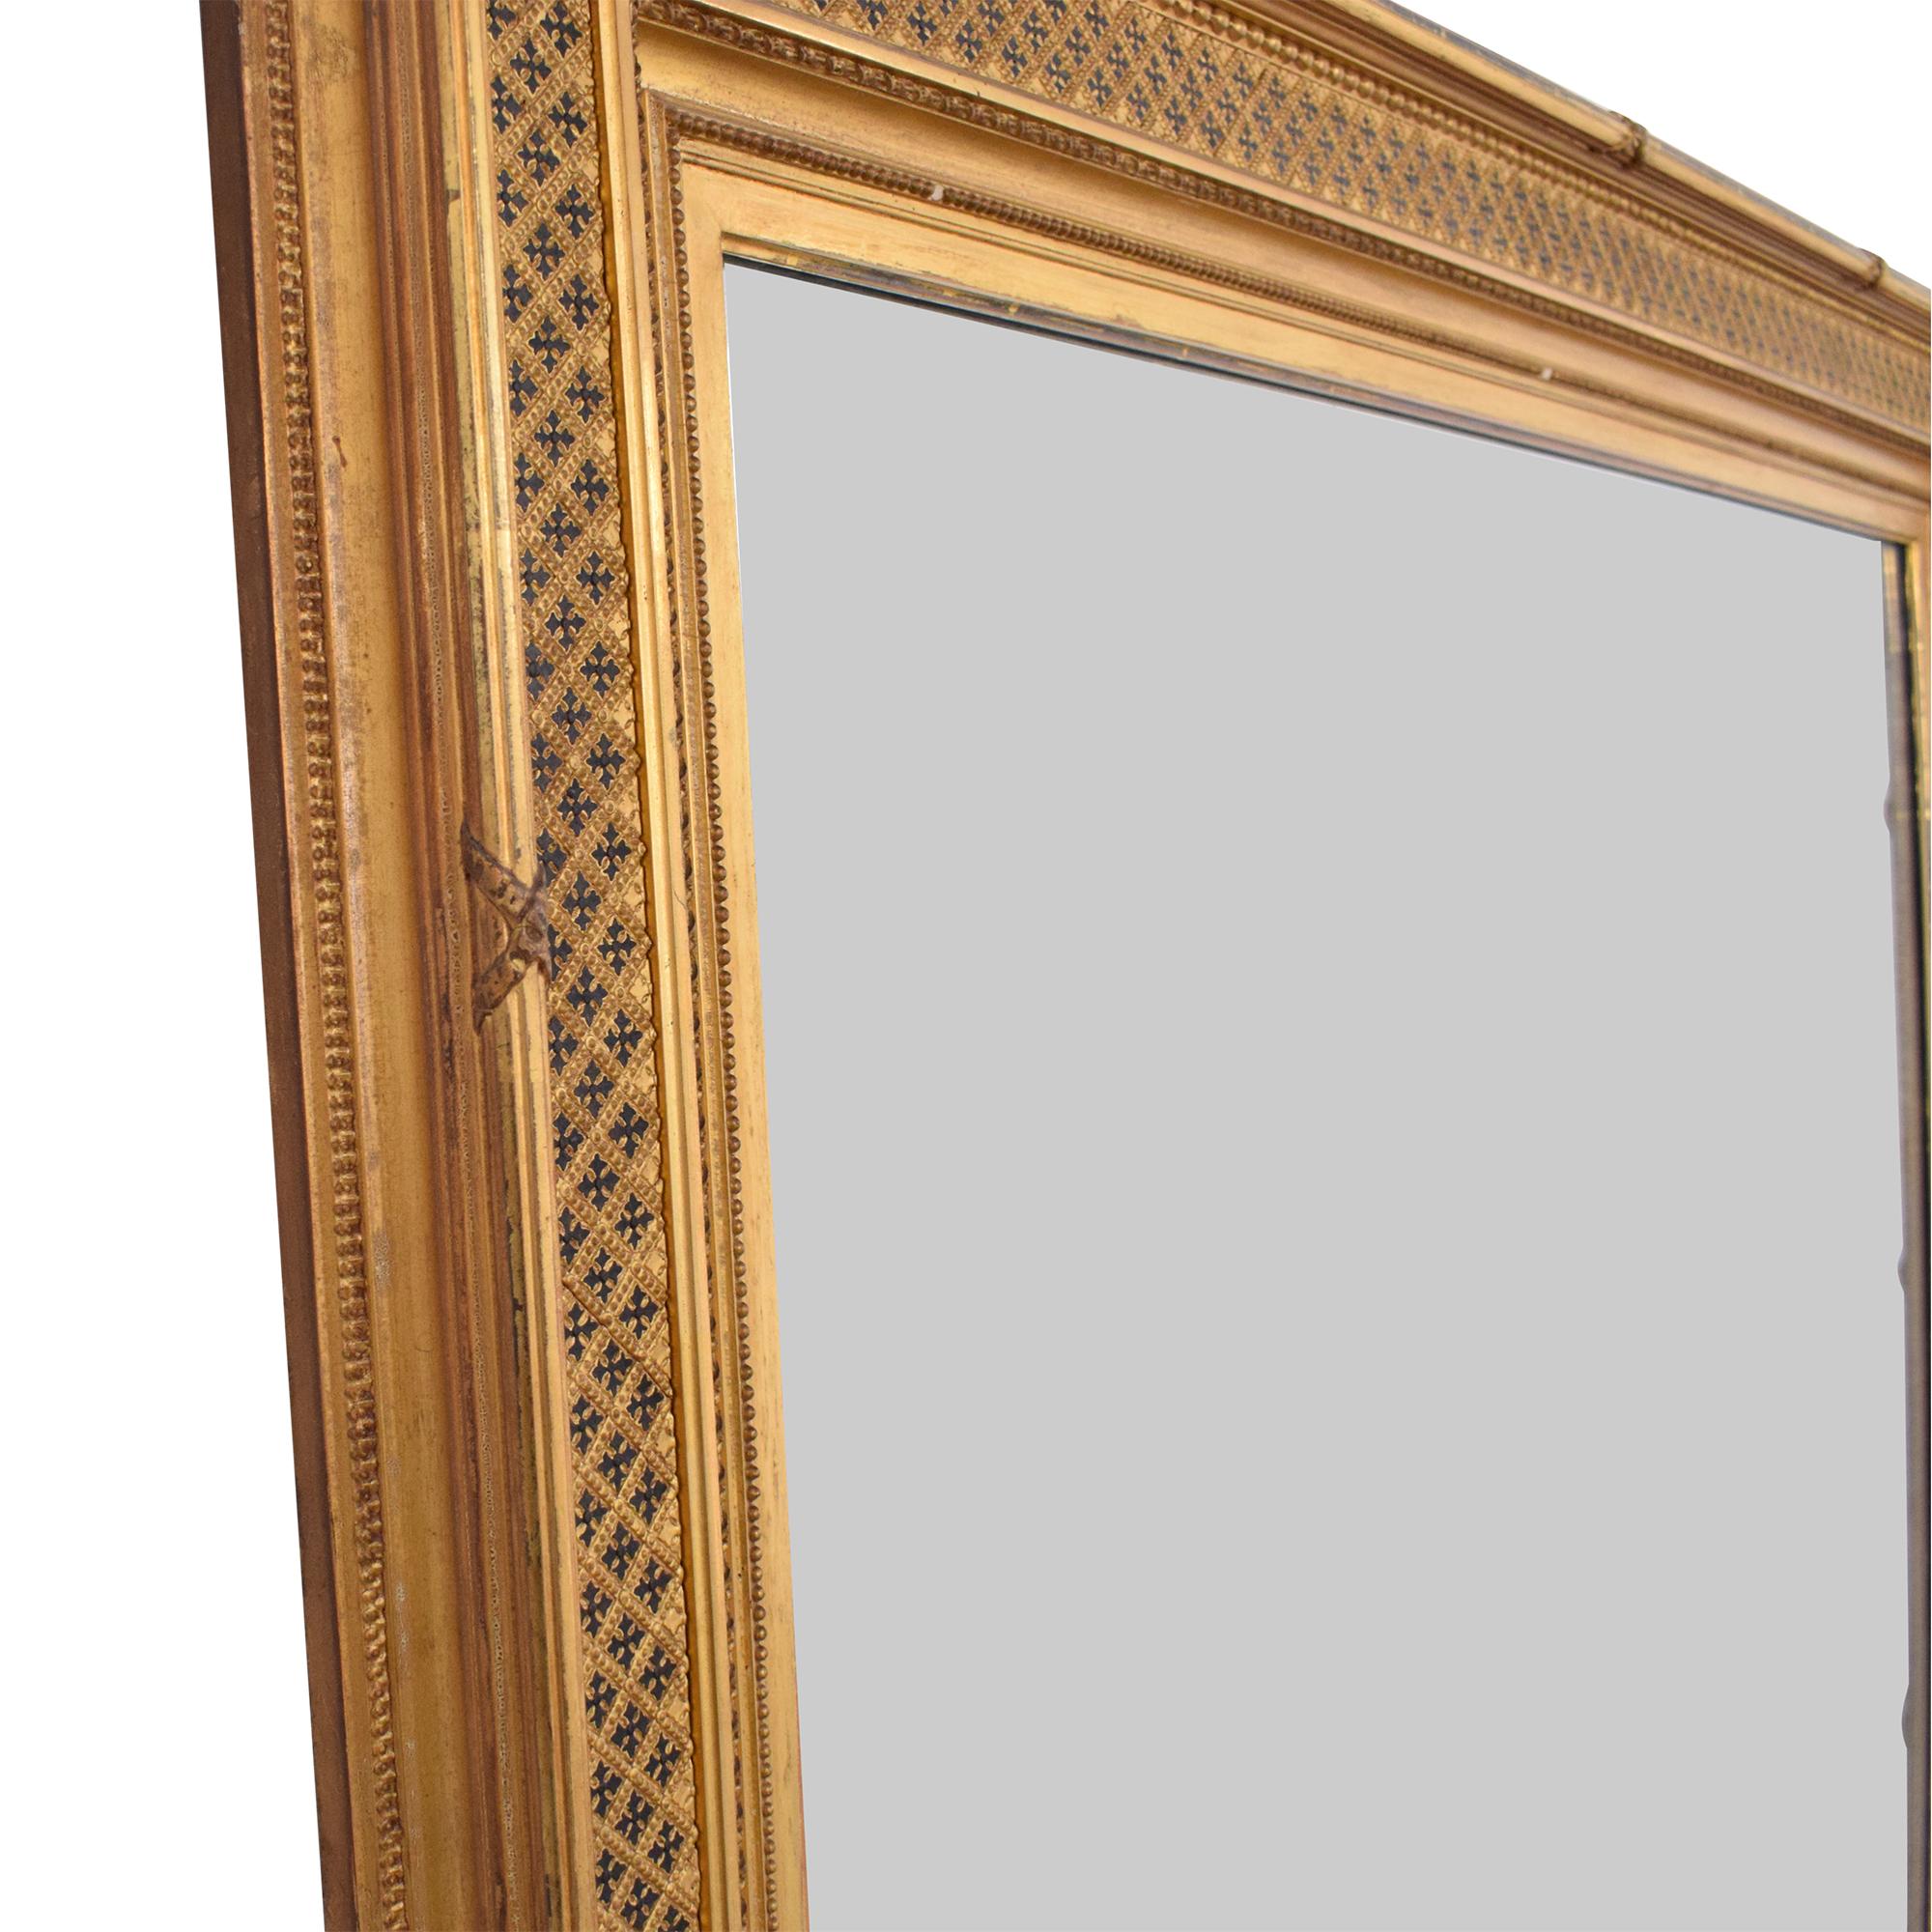 Vintage William Schaus Framed Mirror nj